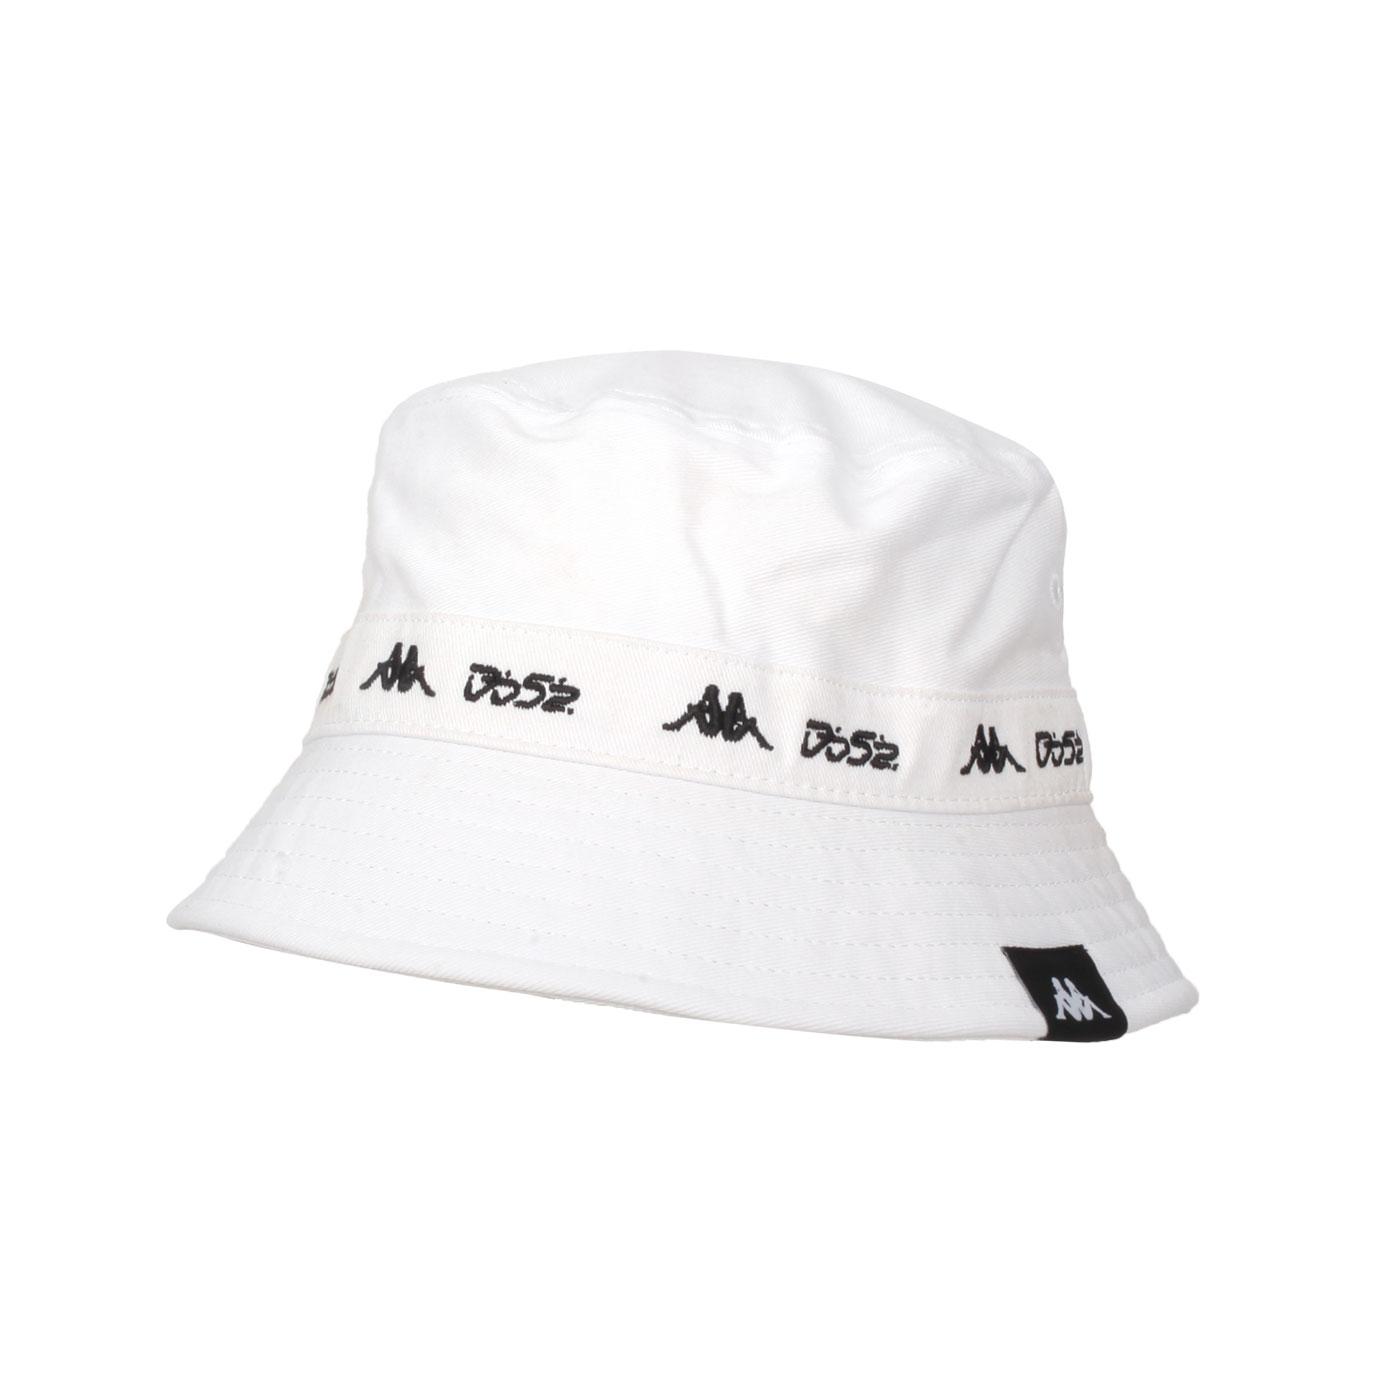 KAPPA DD52聯名漁夫帽 351462W-001 - 白黑